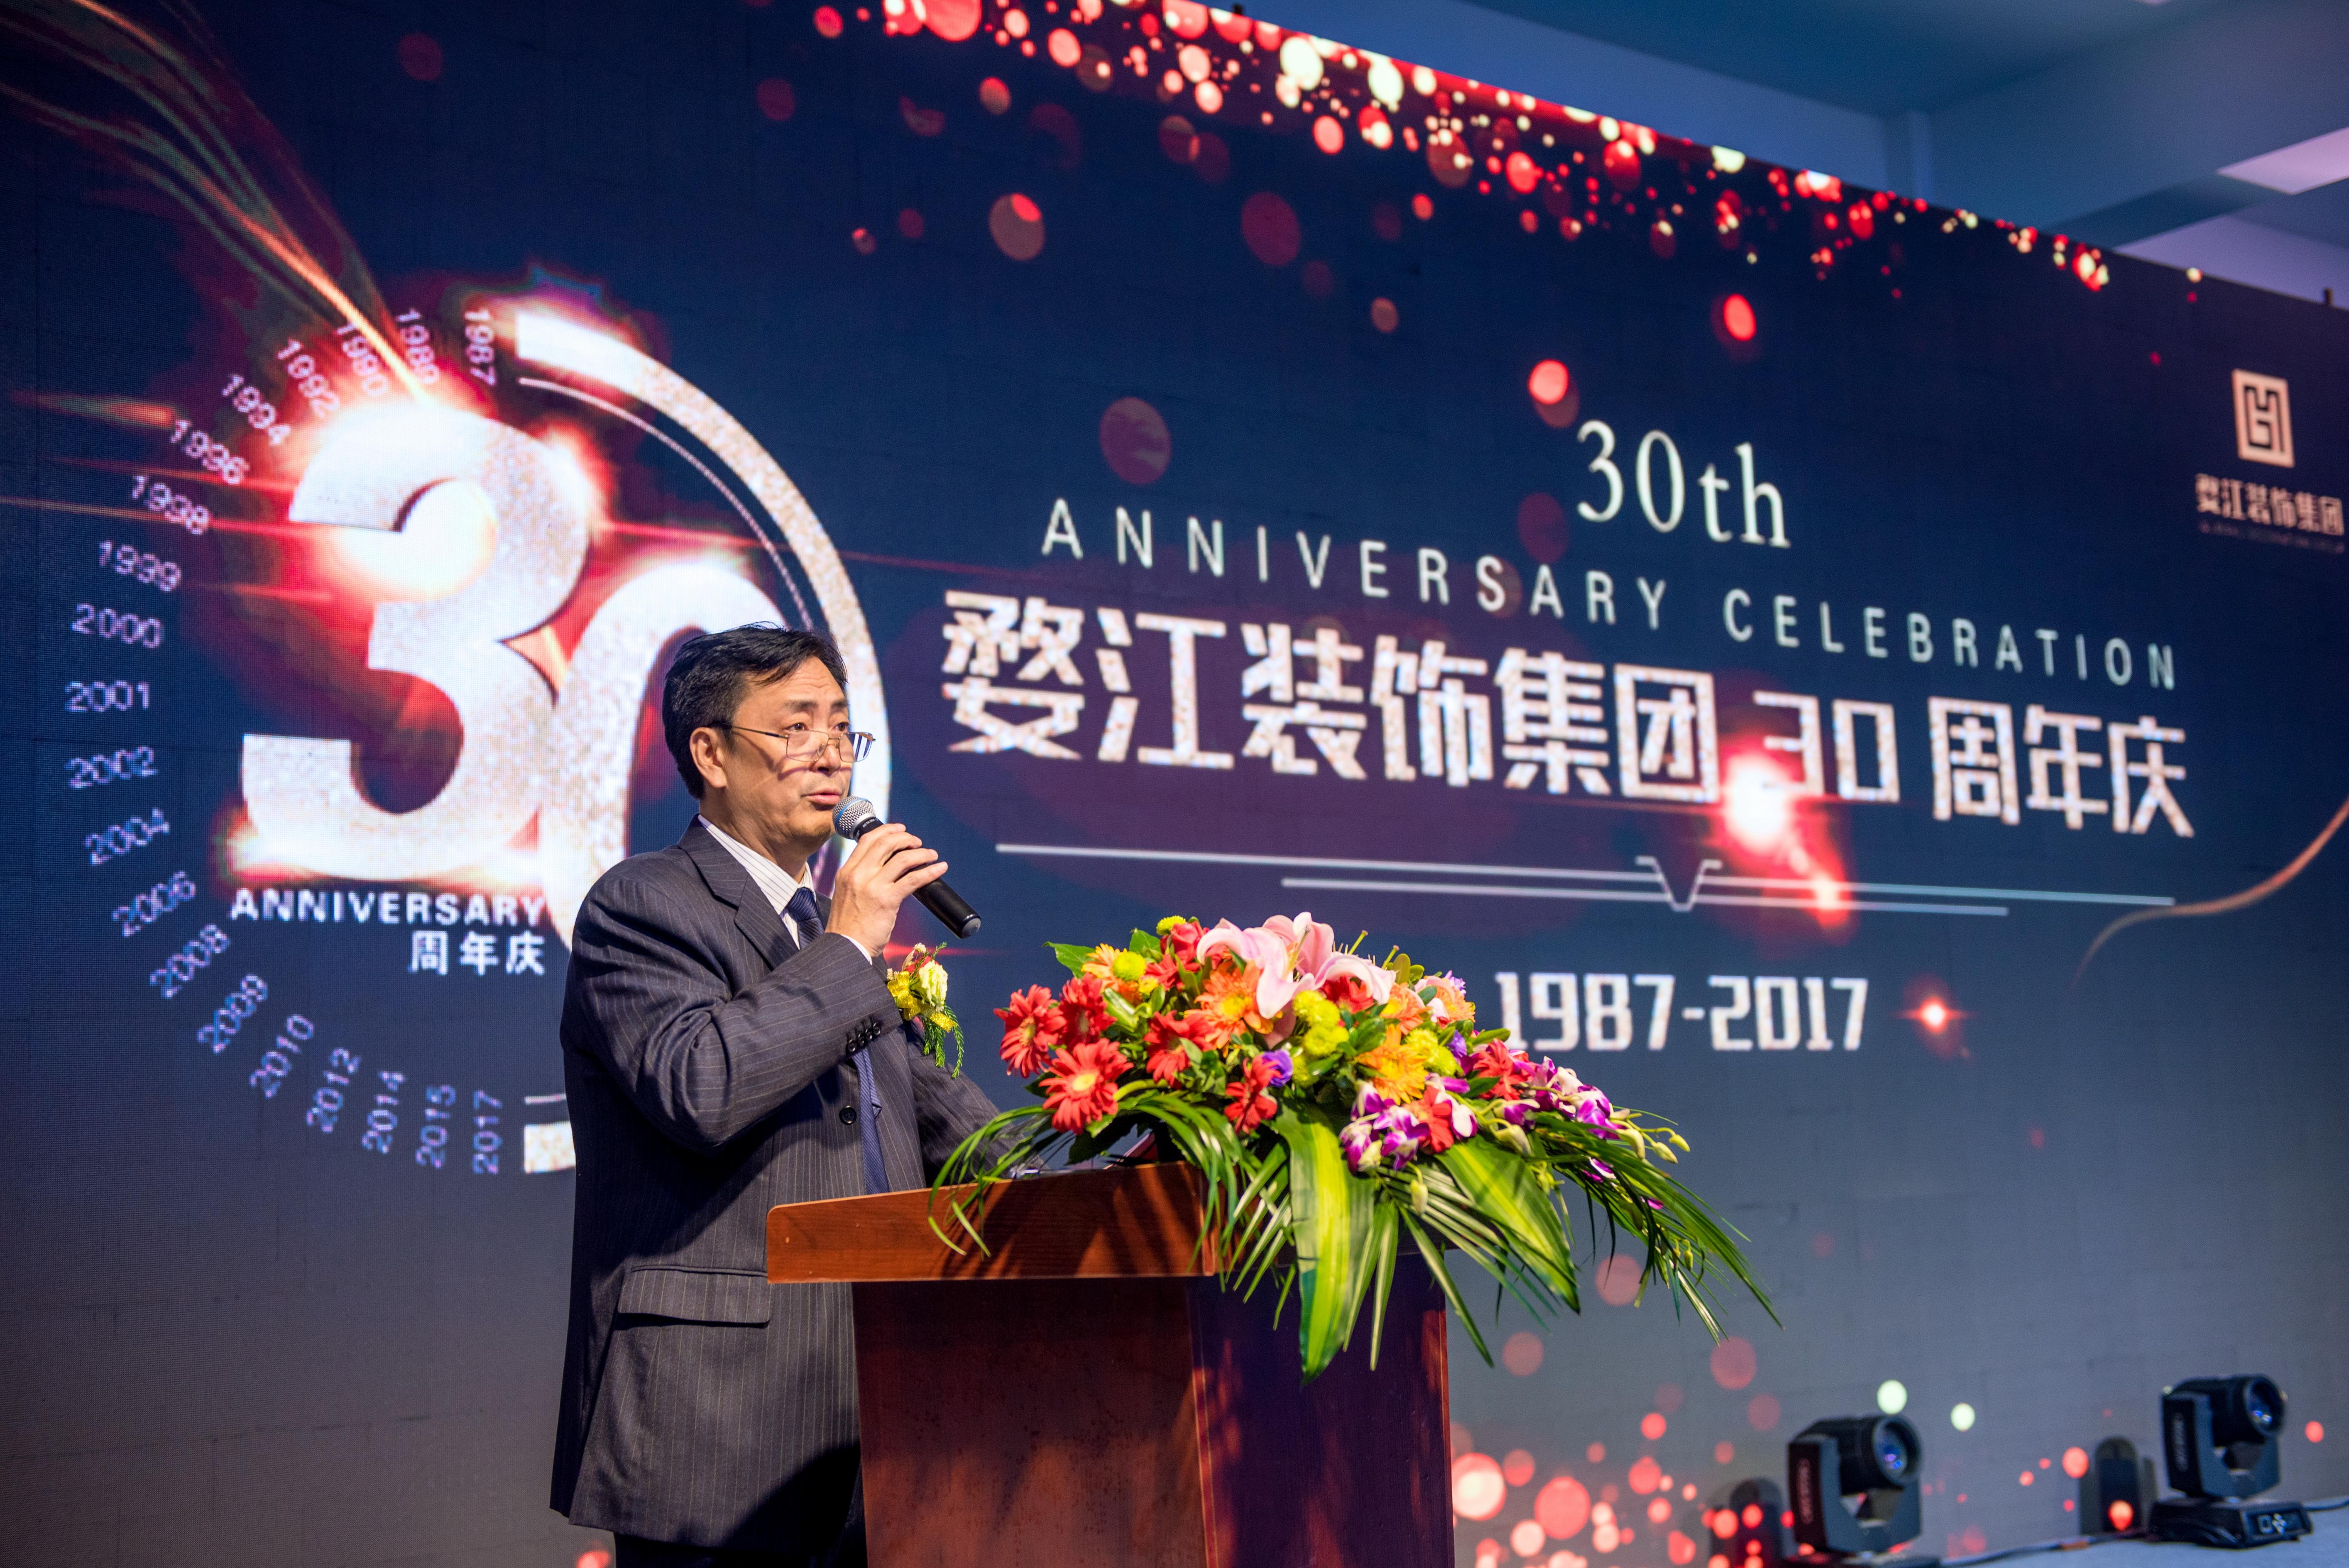 在婺江装饰集团成立三十年之际,方建勋对于未来的发展有了更为明确的目标。